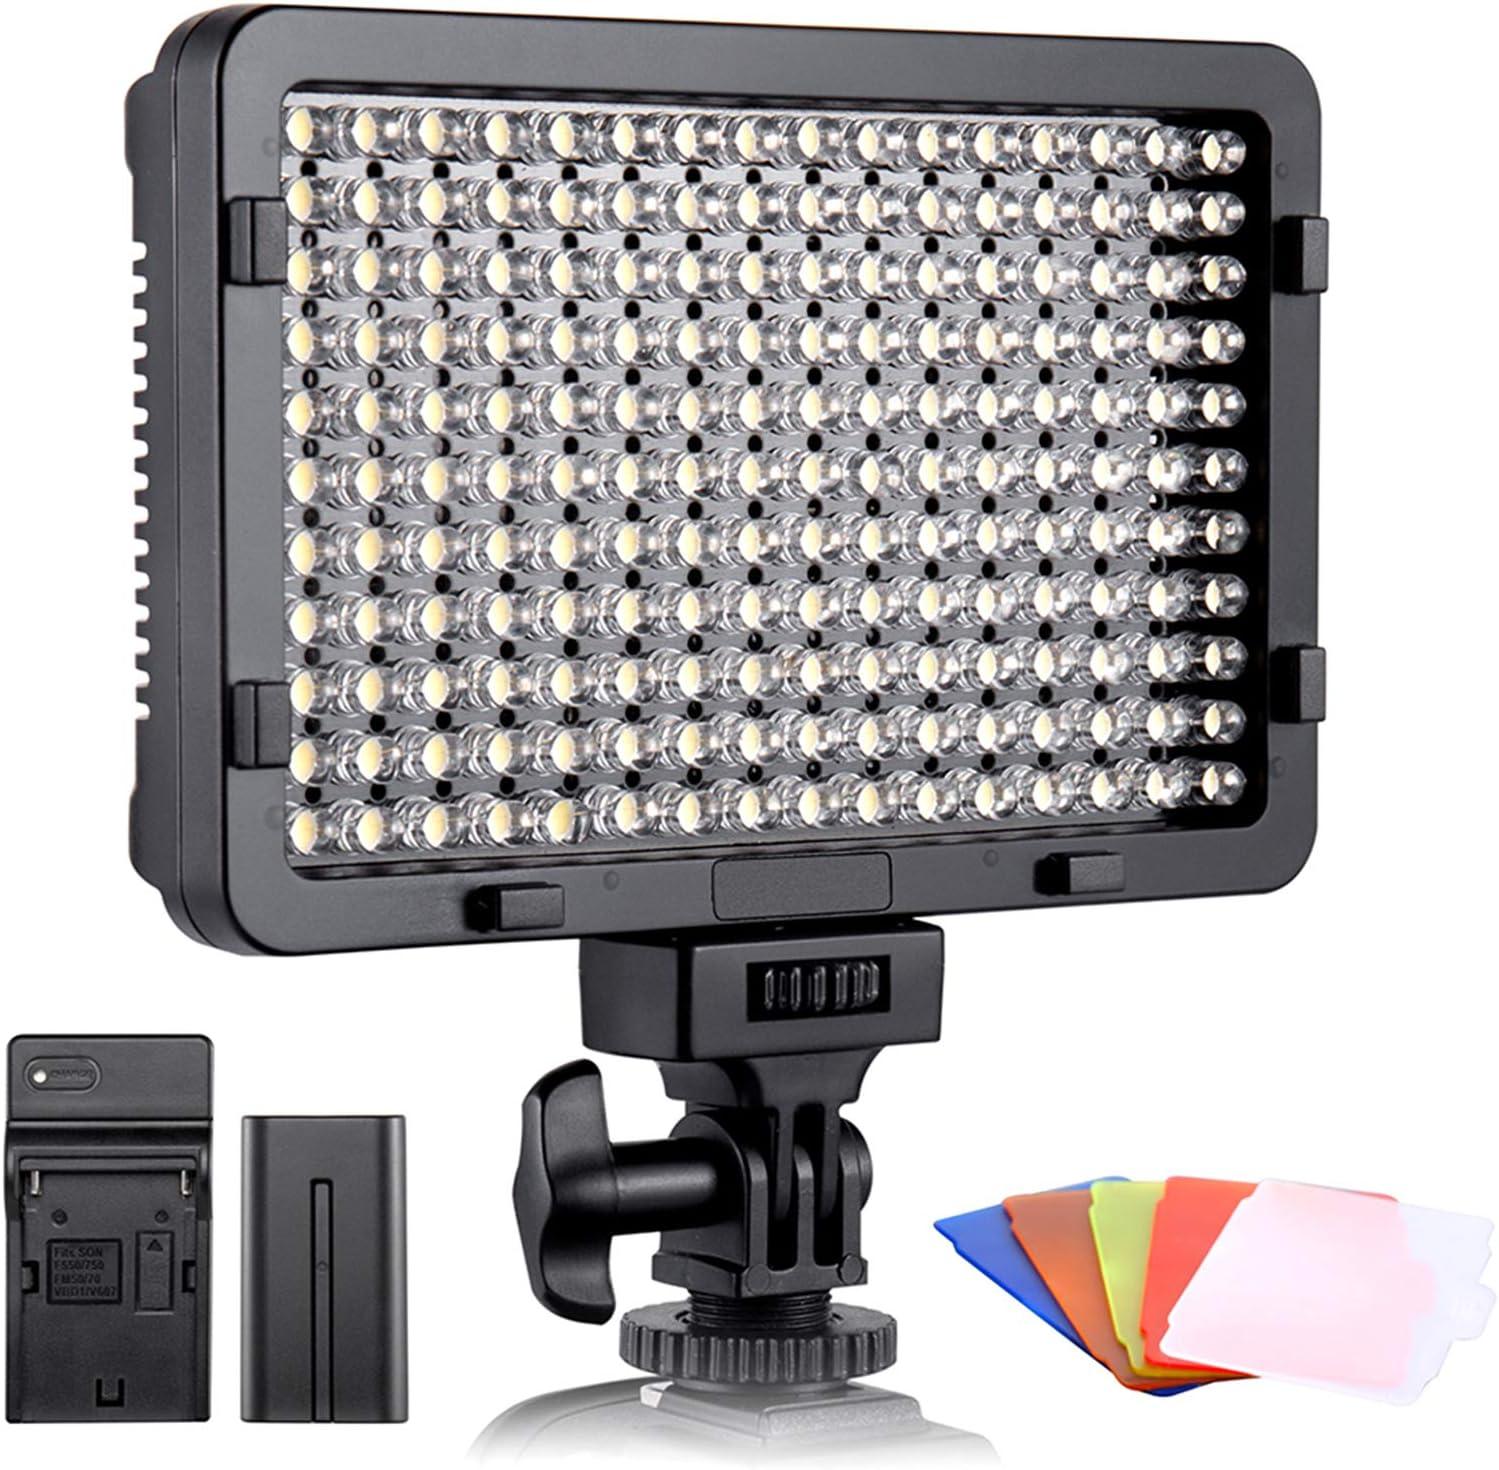 ESDDI - Luz LED fotográfica, luz de vídeo, 176 LED Regulables superluminosos 3200-5600K, 5 filtros de Color, CRI 95+, batería con Cargador incluida, para cámaras DSLR